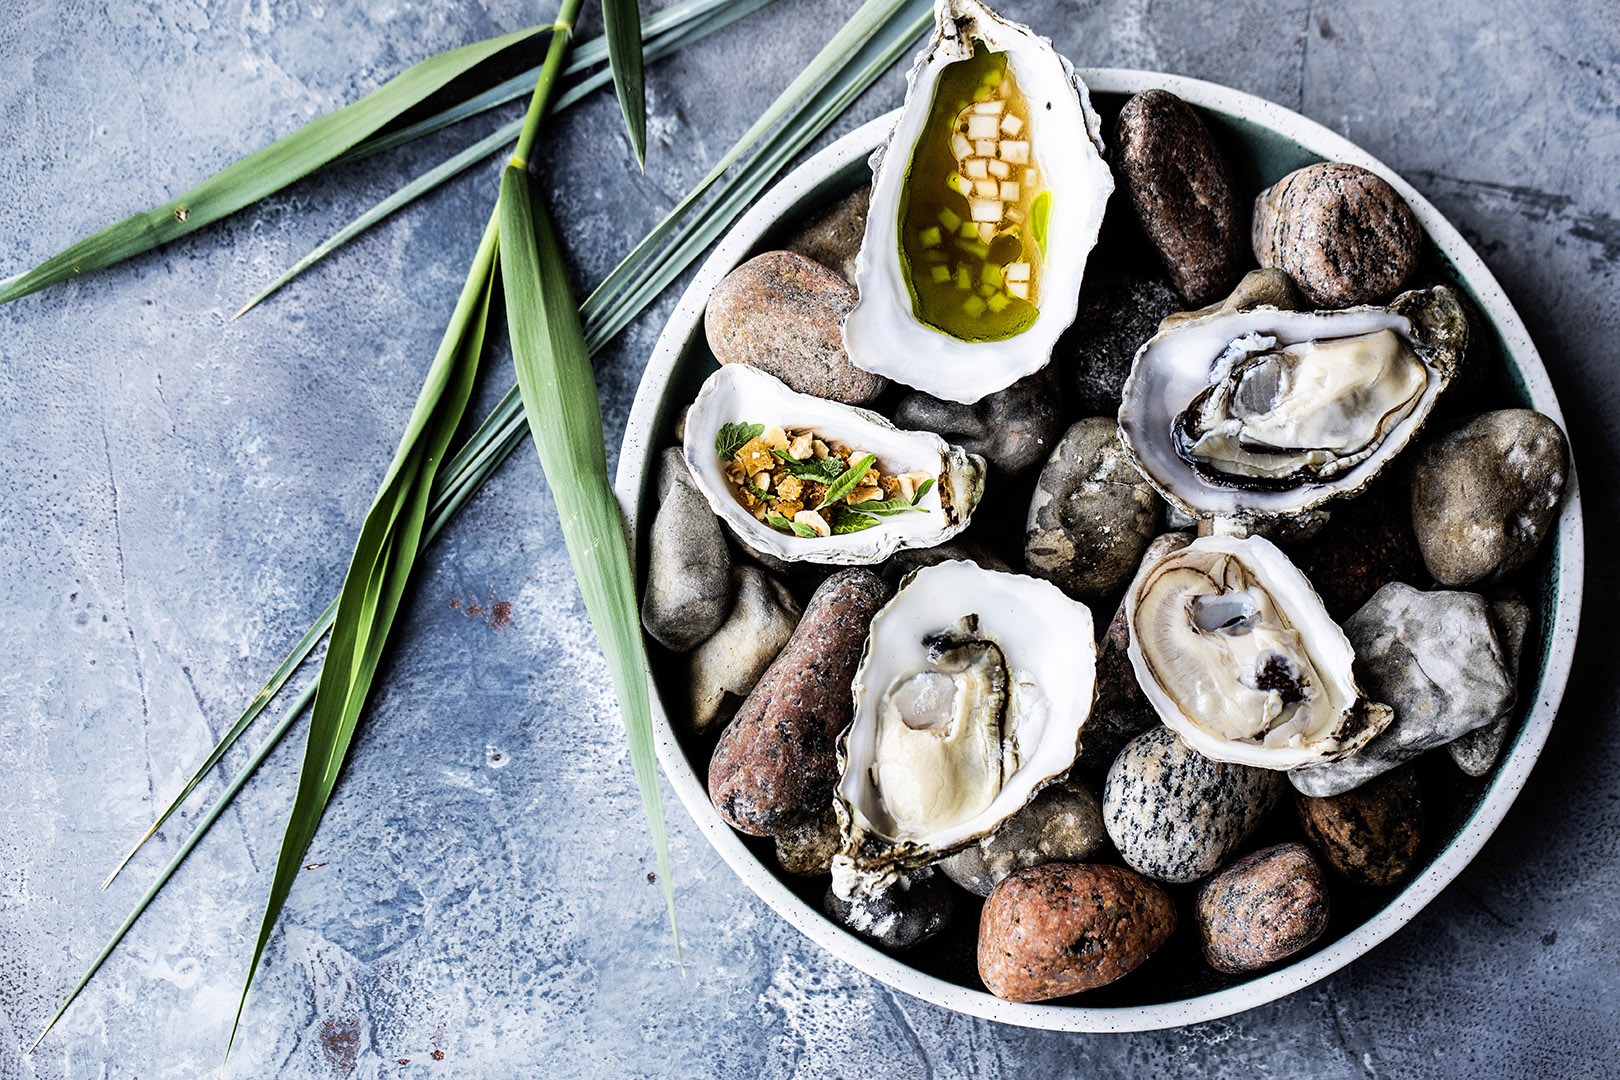 Marienlyst_9_Oysters_Marienlyst Starndhotel